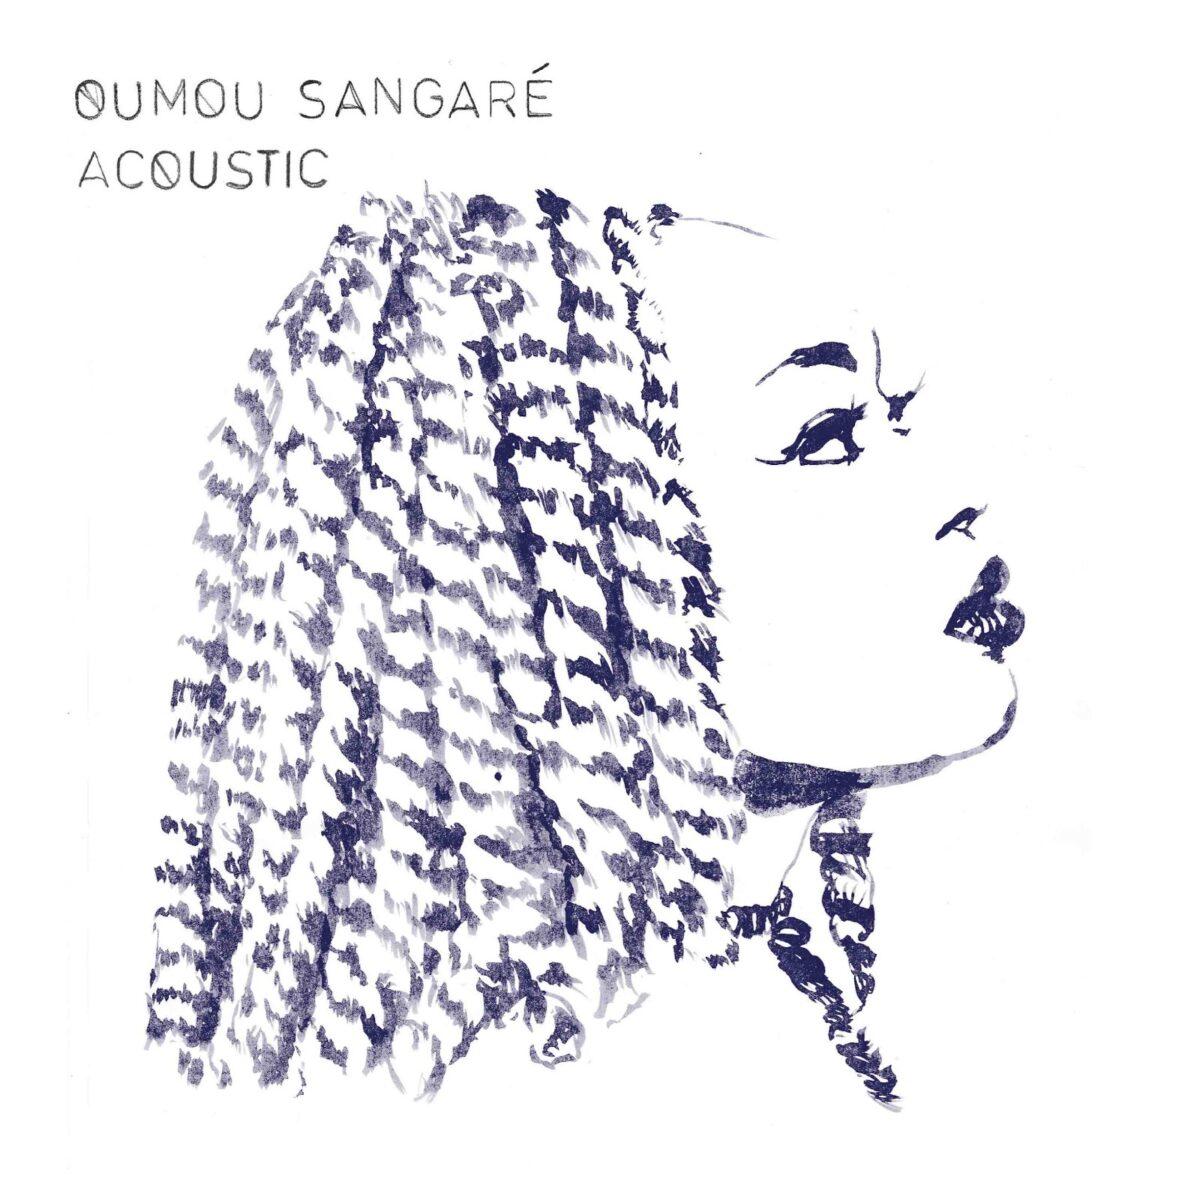 OUMOU SANGARÉ ANNOUNCES  NEW ALBUM ACOUSTIC